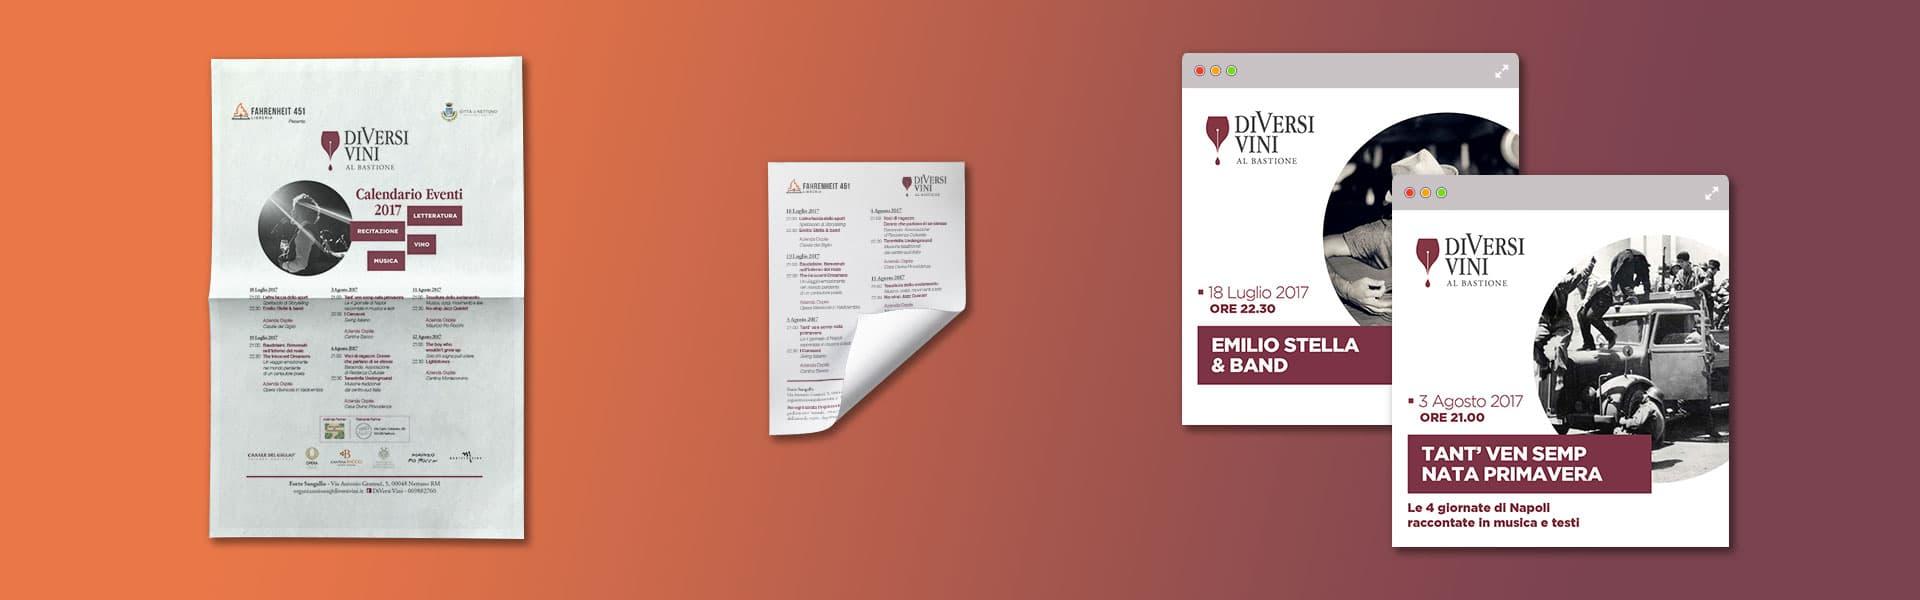 DiVersi Vini - Cultura e Degustazioni 1